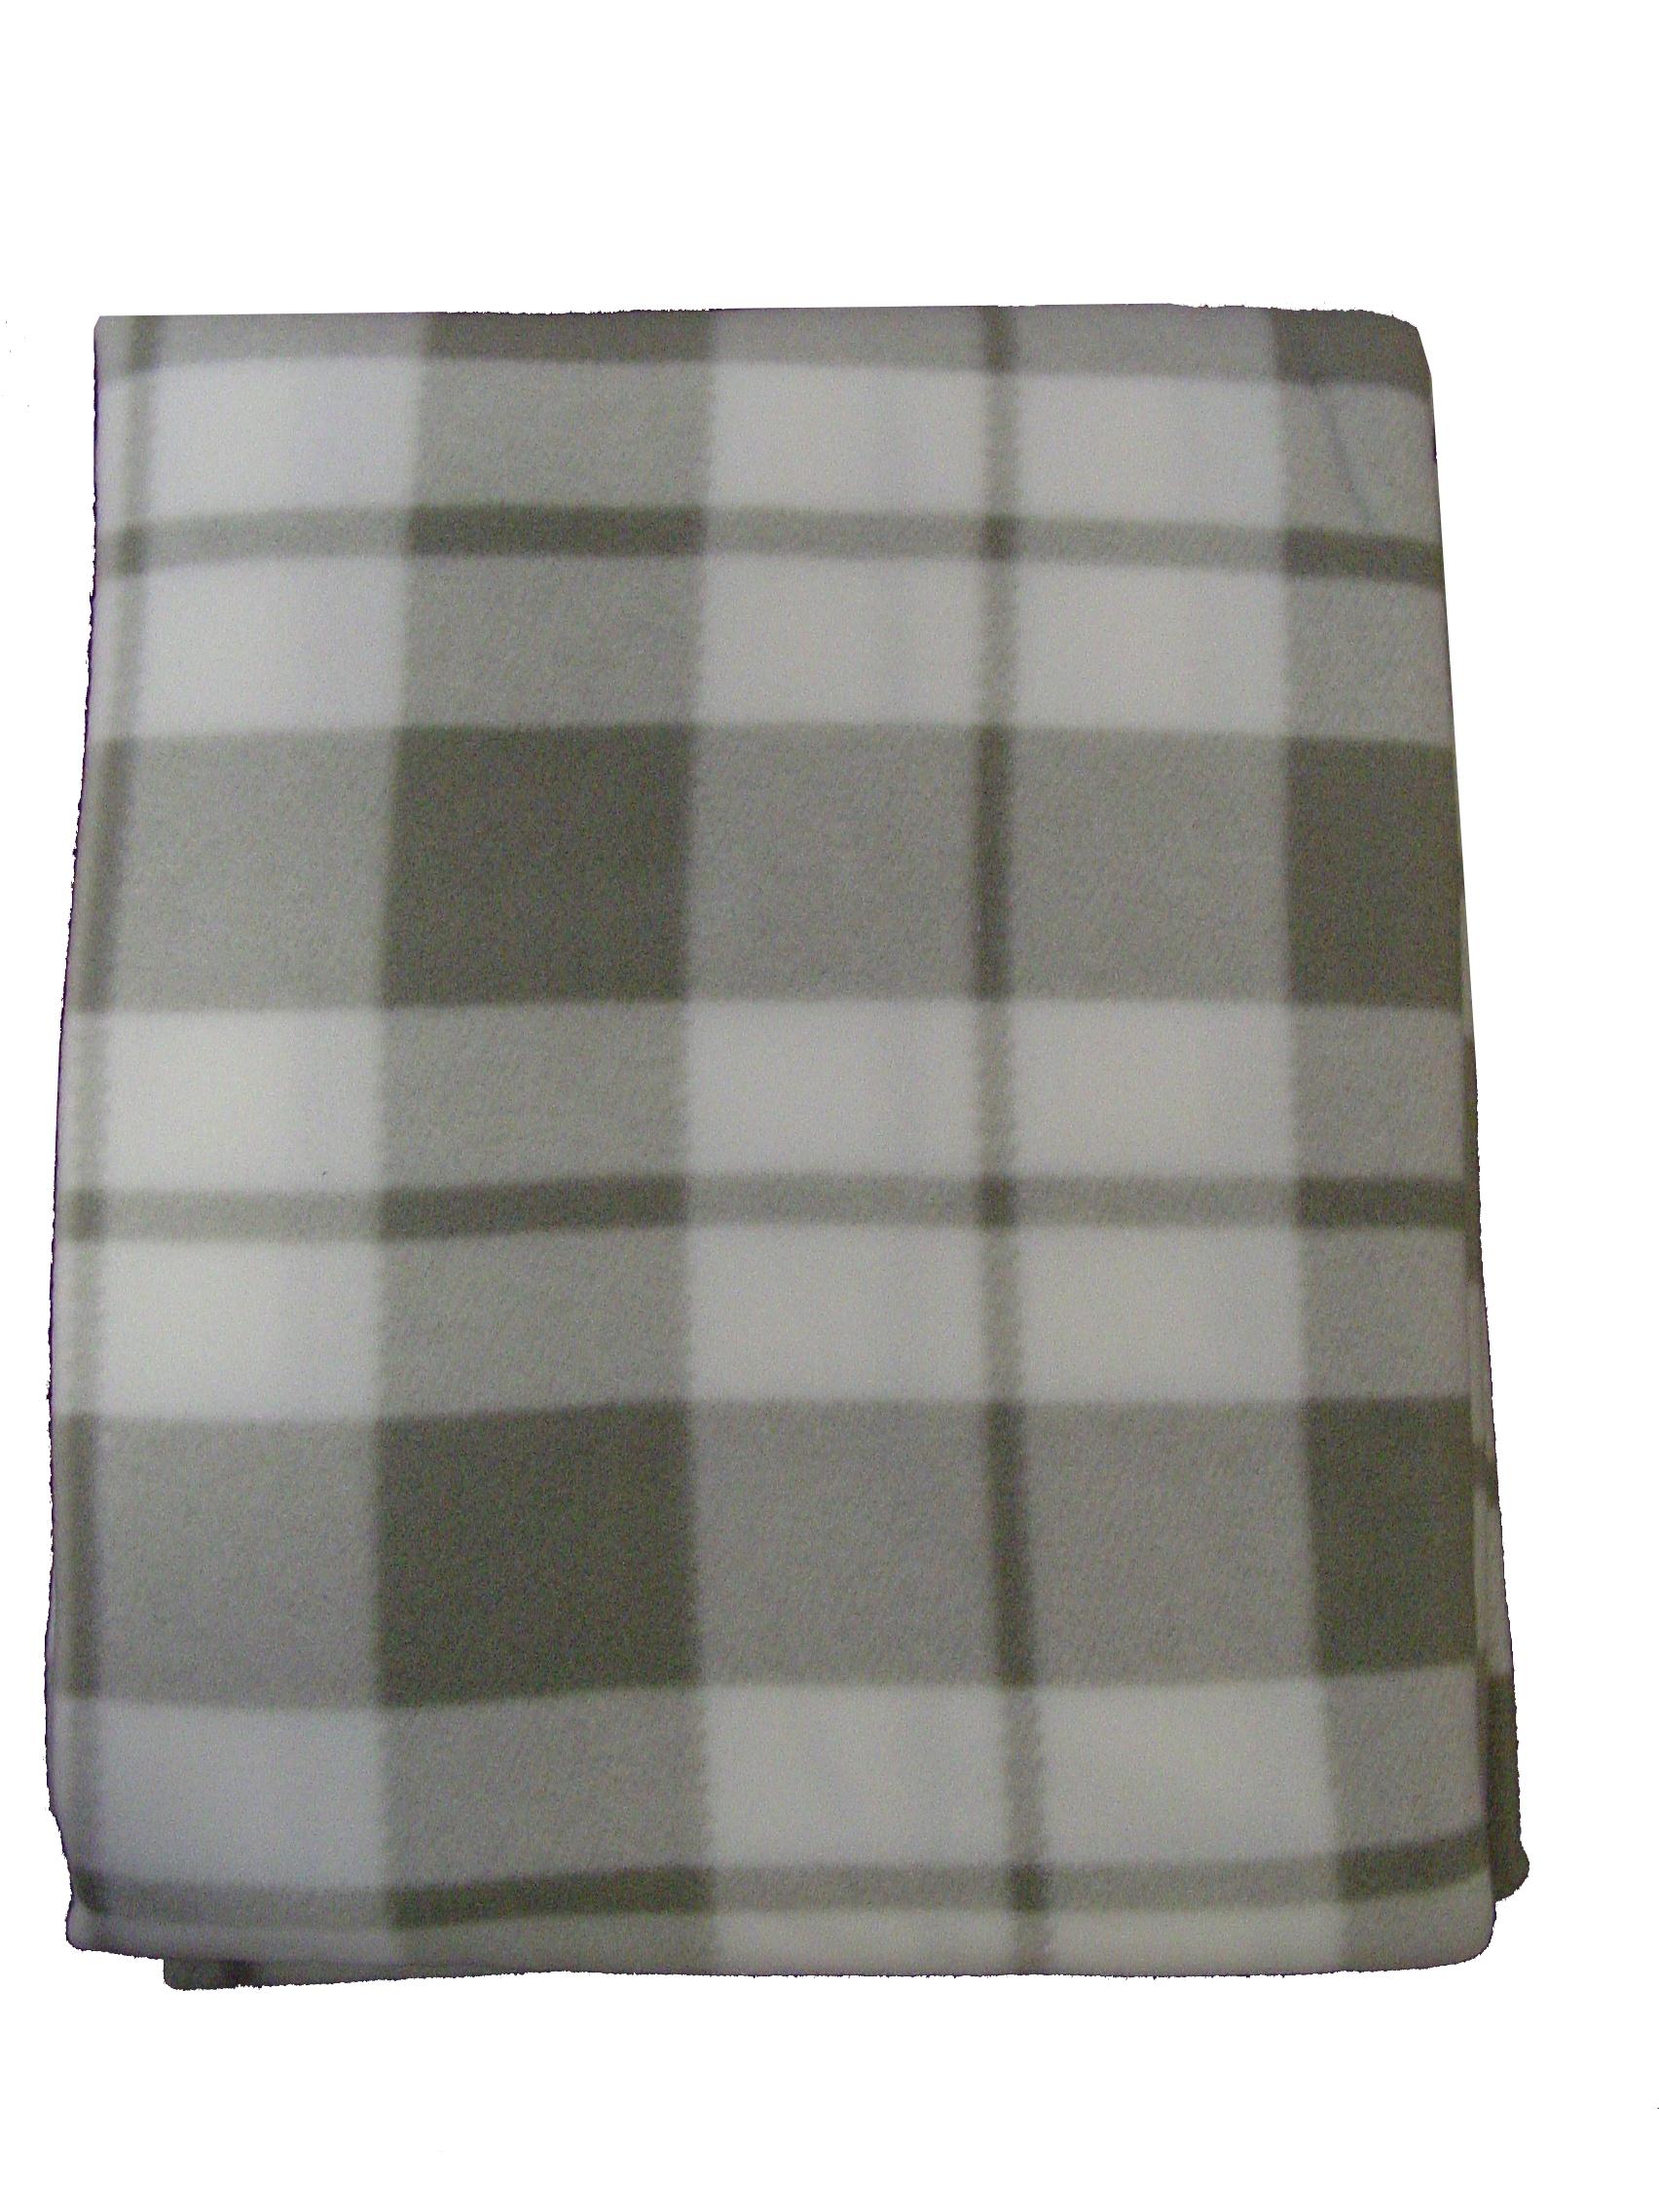 england kariertes design 100 polyester luxus decke 230x230cm heim bettw sche ebay. Black Bedroom Furniture Sets. Home Design Ideas